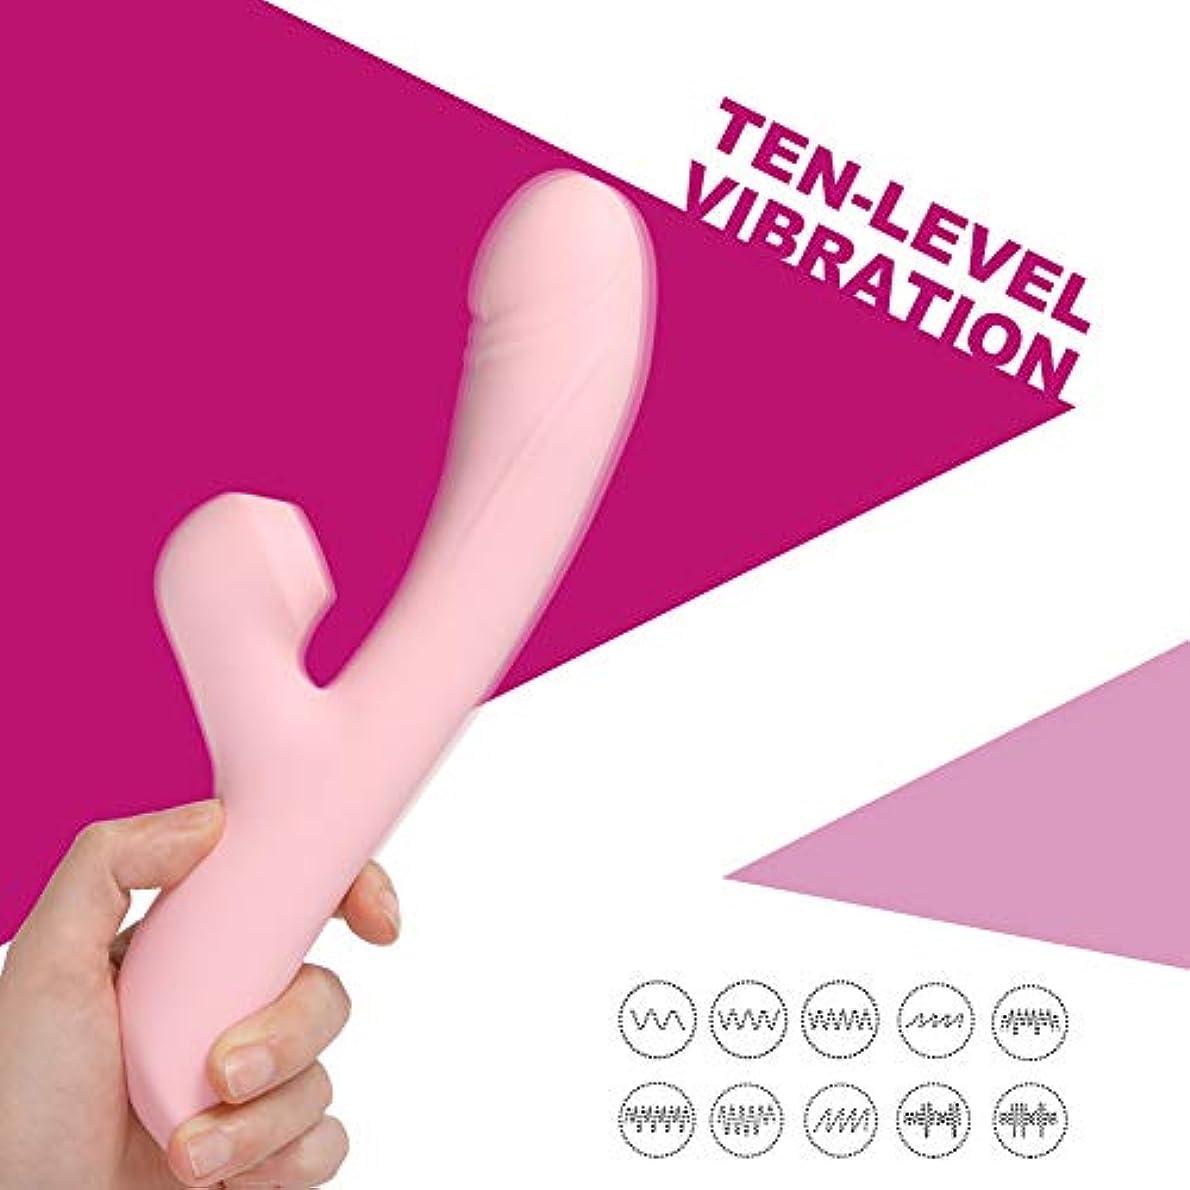 皮肉な間違えた消毒するオイル セルライト バイブレーターUSB充電式 AVマジック ワンドバイブレーター マッサージャー 大人のおもちゃ女性用 10スピード電動マッサージ器 42度加熱 自由に曲げられる (ピンク色)